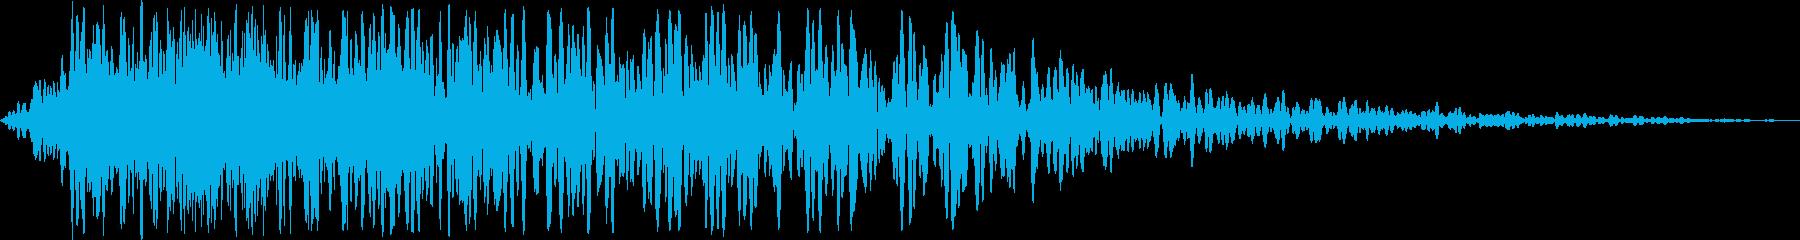 文字表示インパクト(ブオンッ!)の再生済みの波形